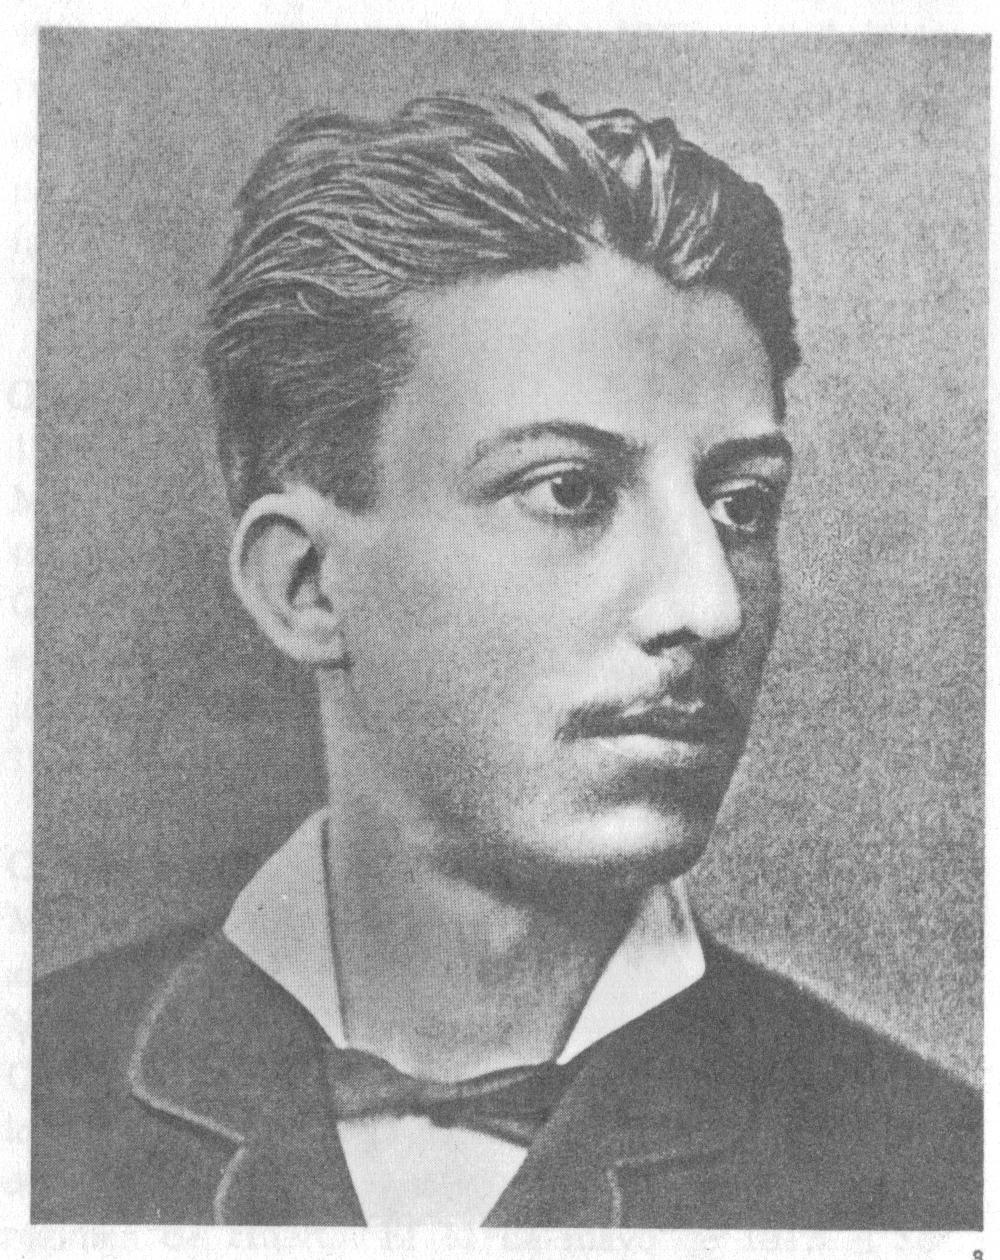 Retrato de Manuel José Othón en su juventud.